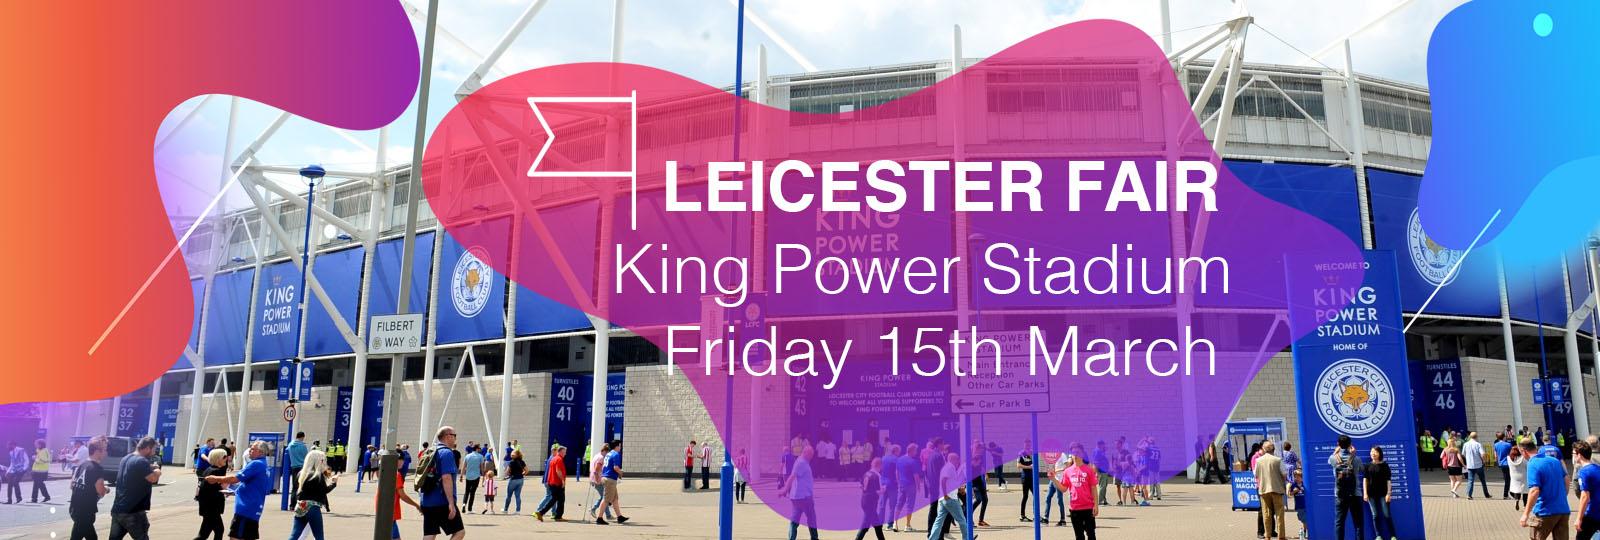 Leicester Fair